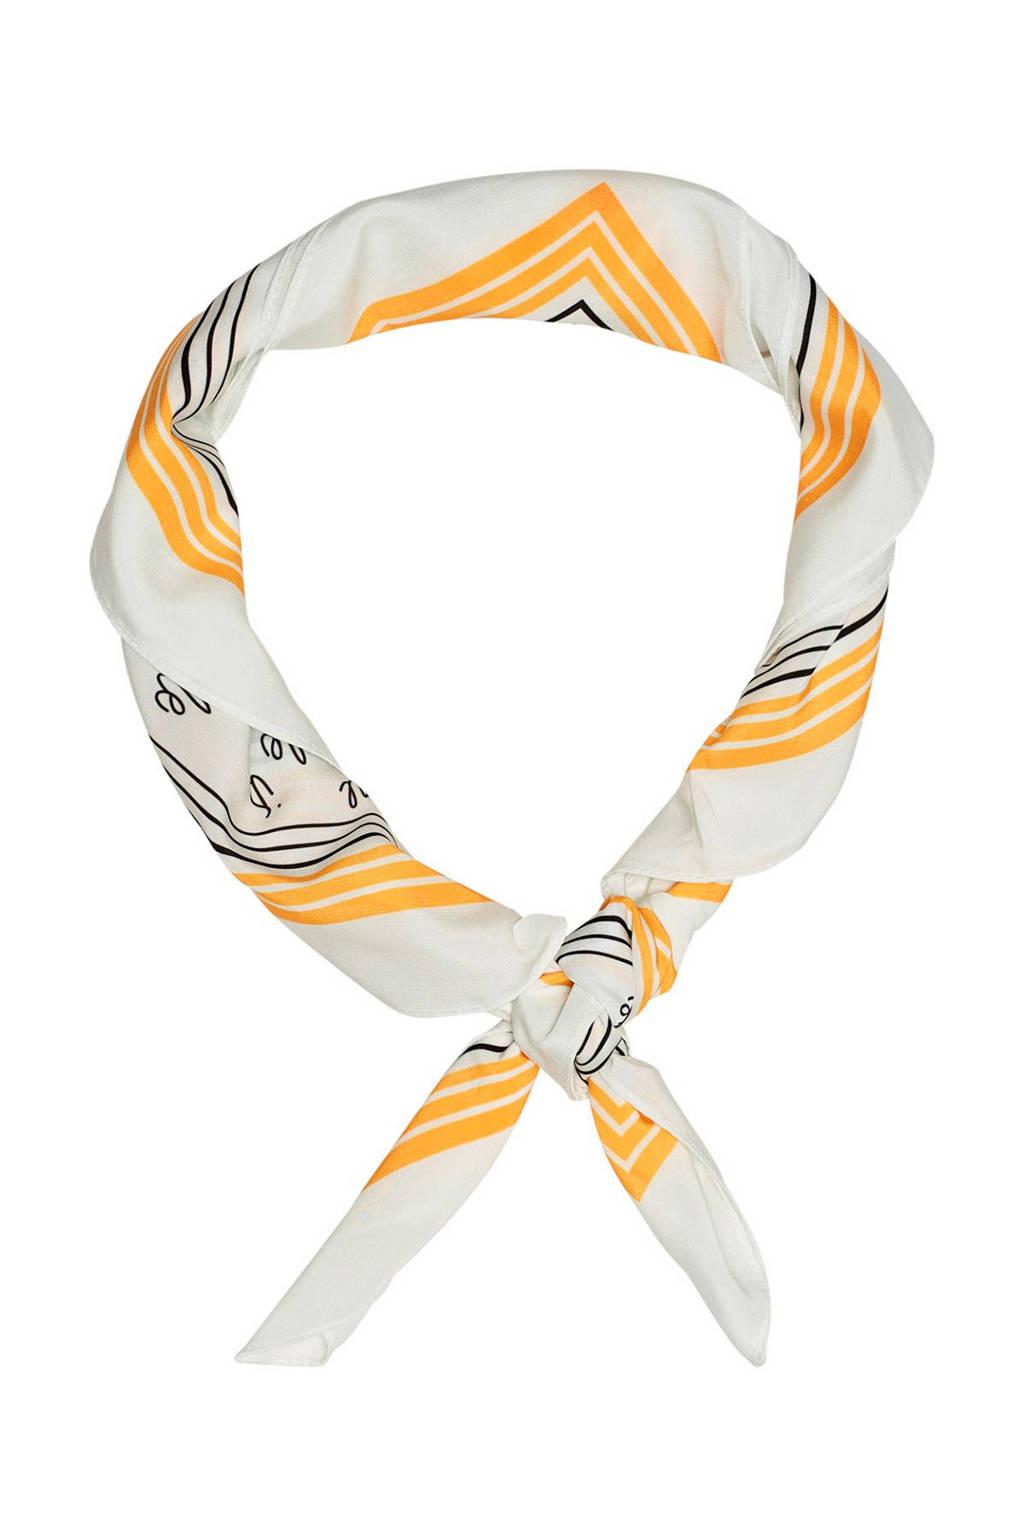 ONLY sjaal geel, Geel/wit